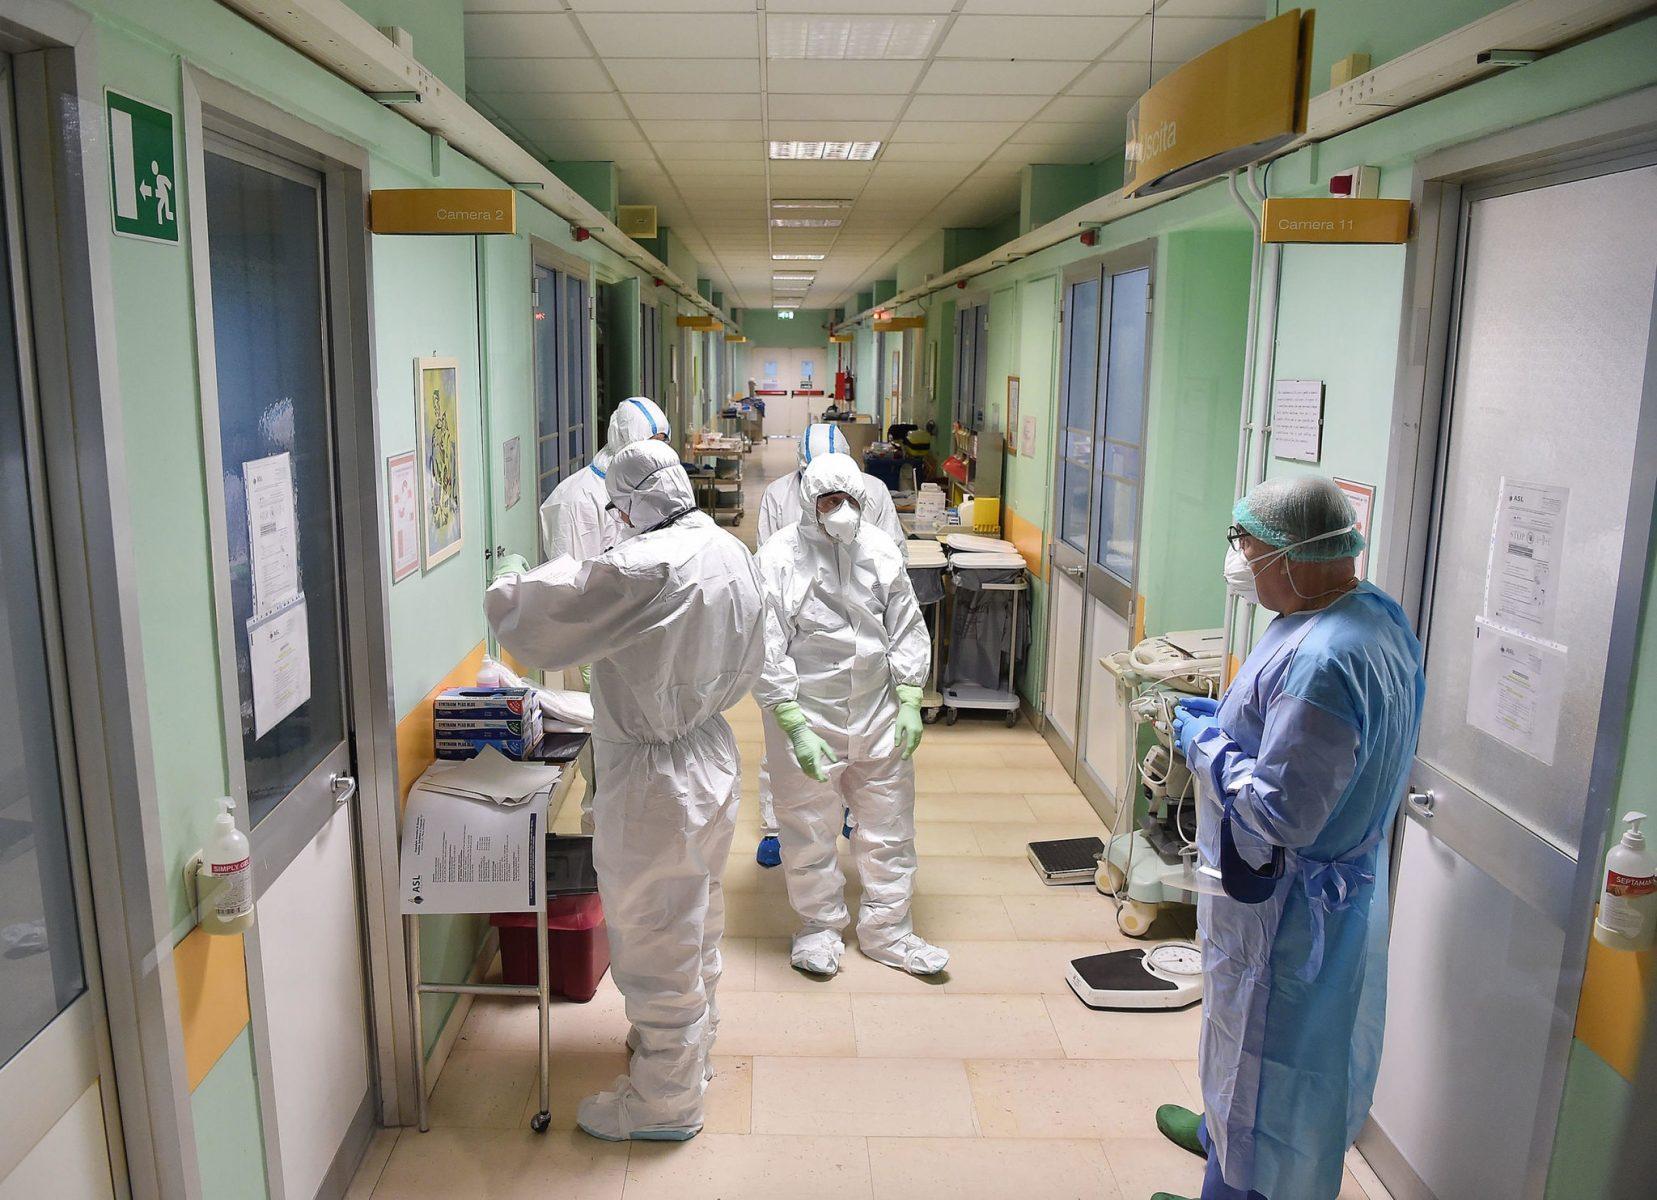 Σαραφιανός Open: Γιατί αρνούνται την επίταξη οι ιδιωτικές κλινικές